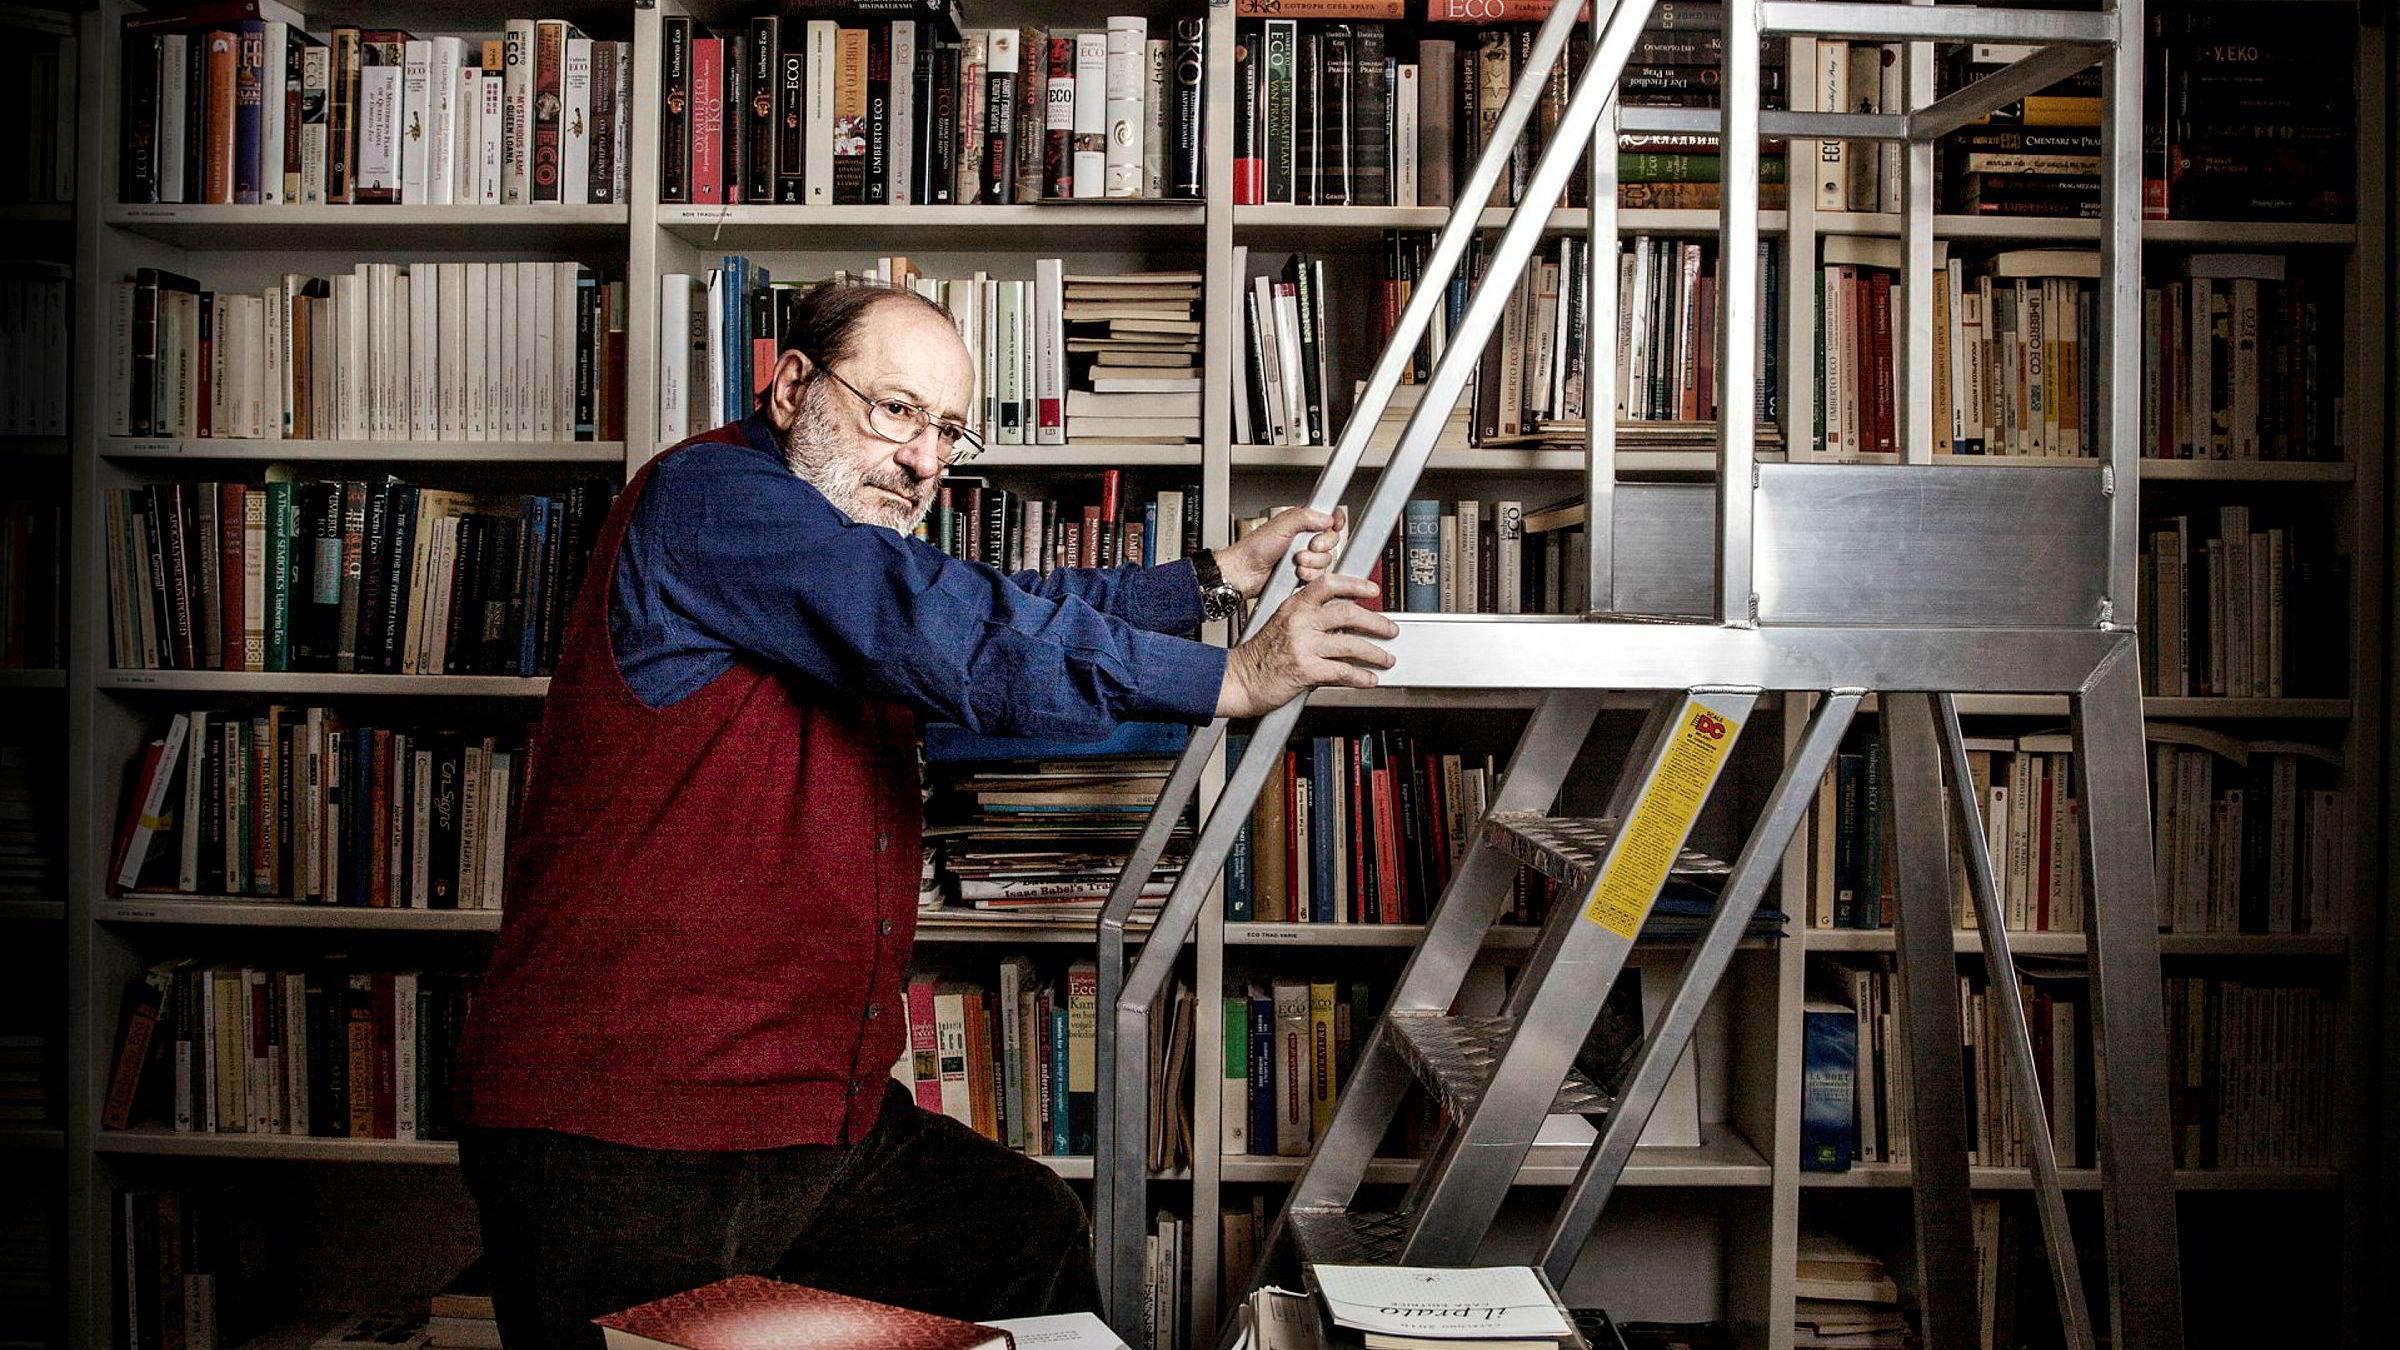 Nå skal Umberto Ecos eget privatbibliotek finne et hjem. Eco døde for to år siden og etterlot seg omkring 50.000 bøker.